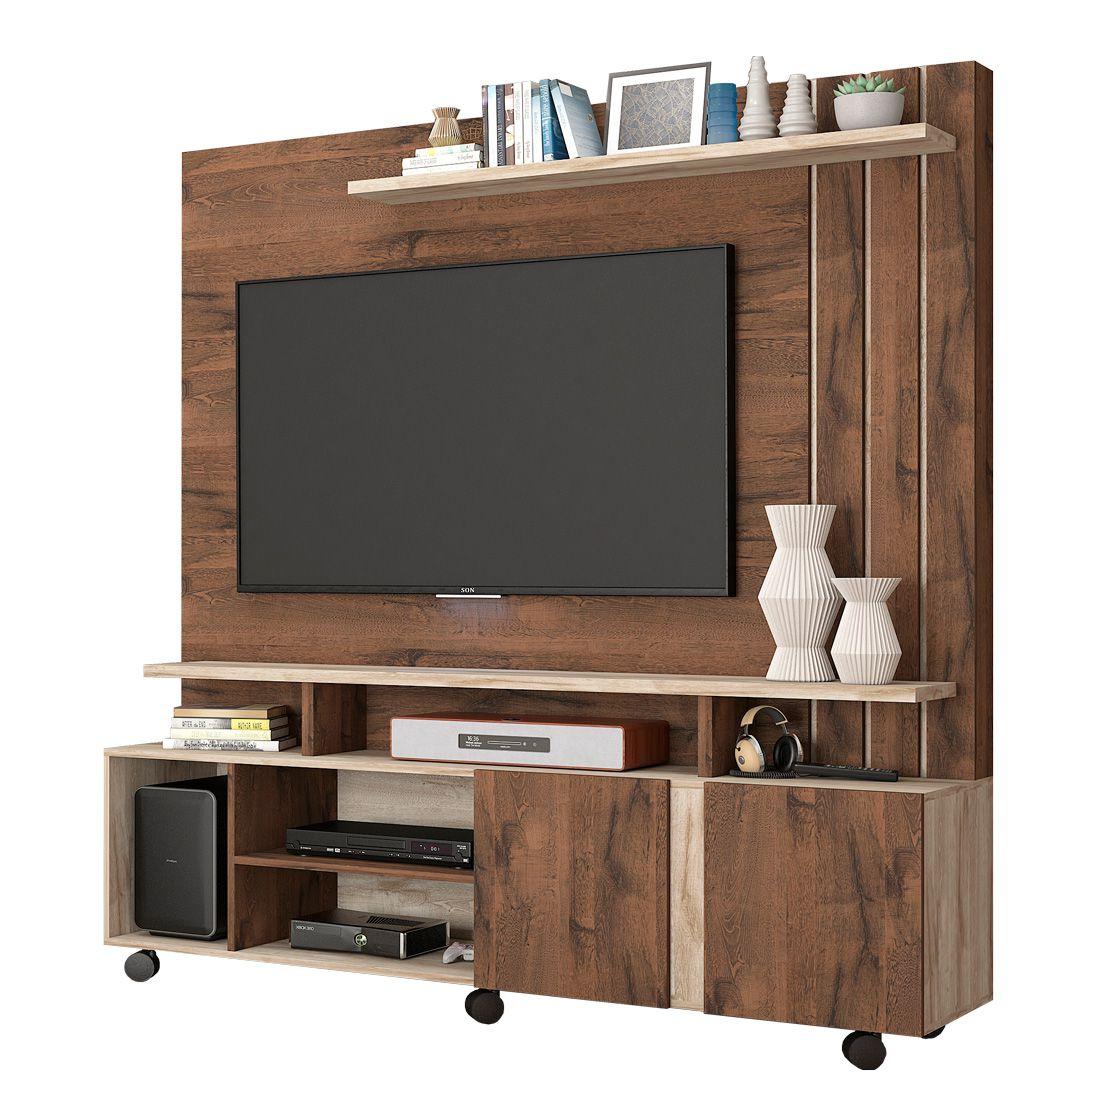 Estante Home Valência com 2 Portas e Painel para TV até 47 Polegadas Permóbili Café/Rústico